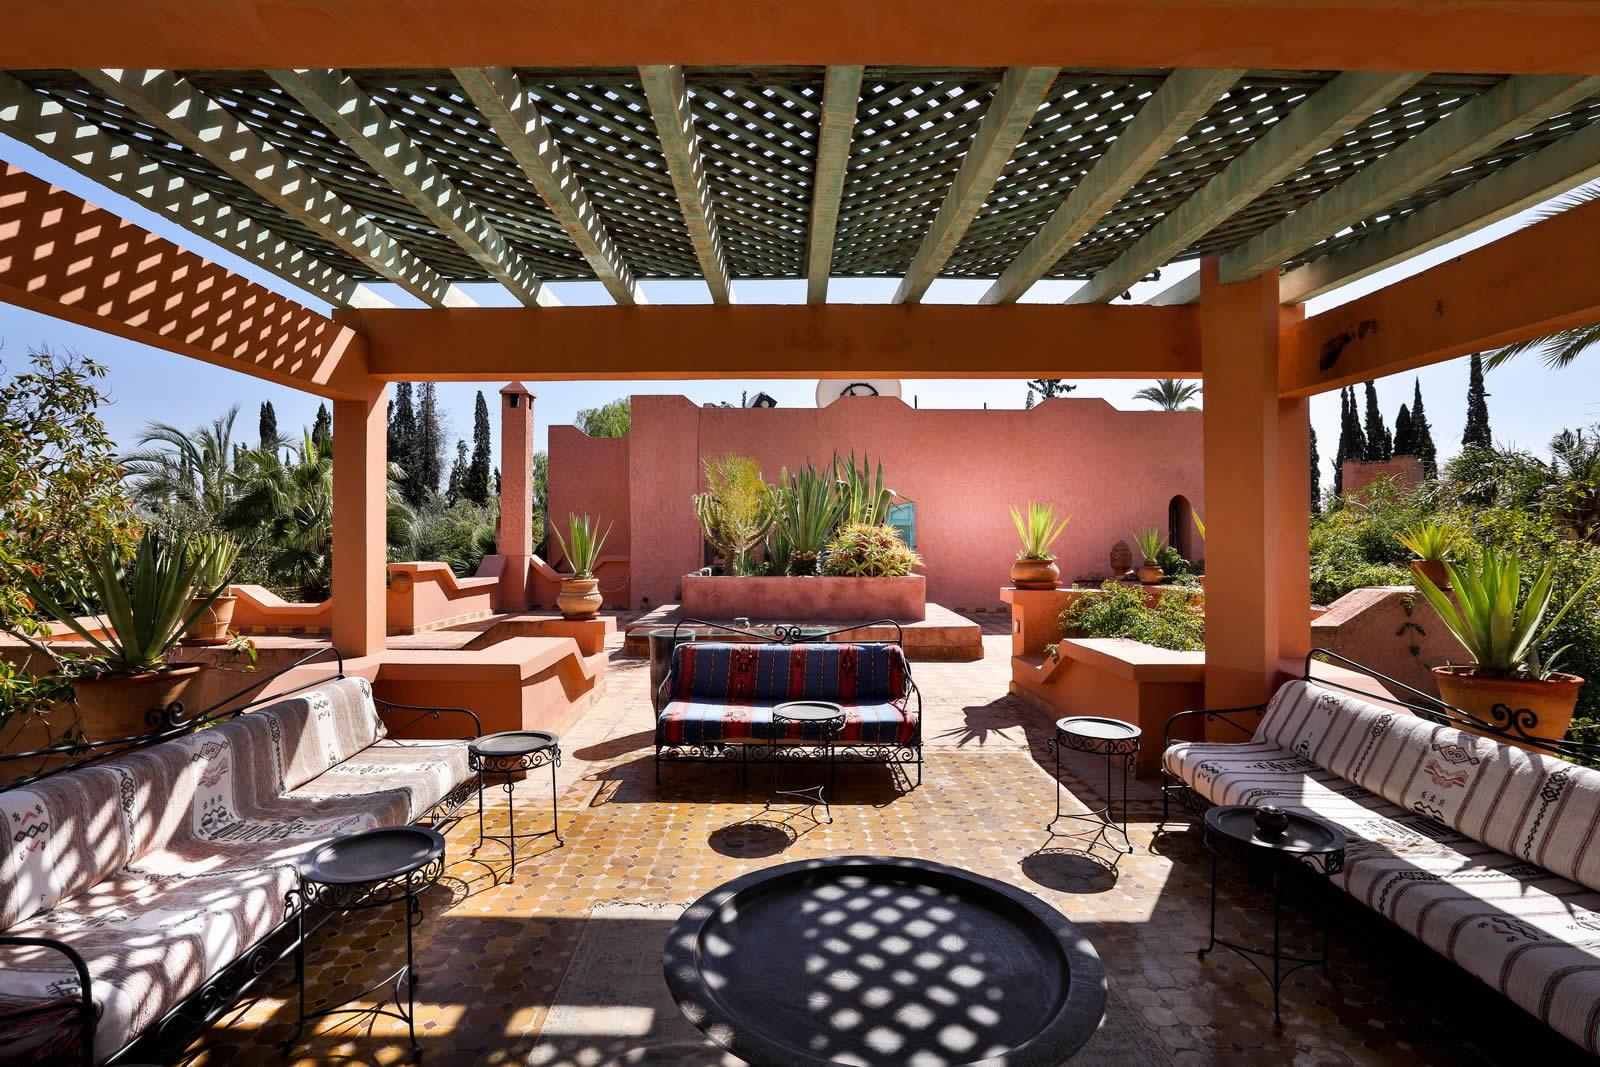 2-luxueuses-villas-a-vendre-piscine-debordement-hammam-salle-massage-solarium-prive